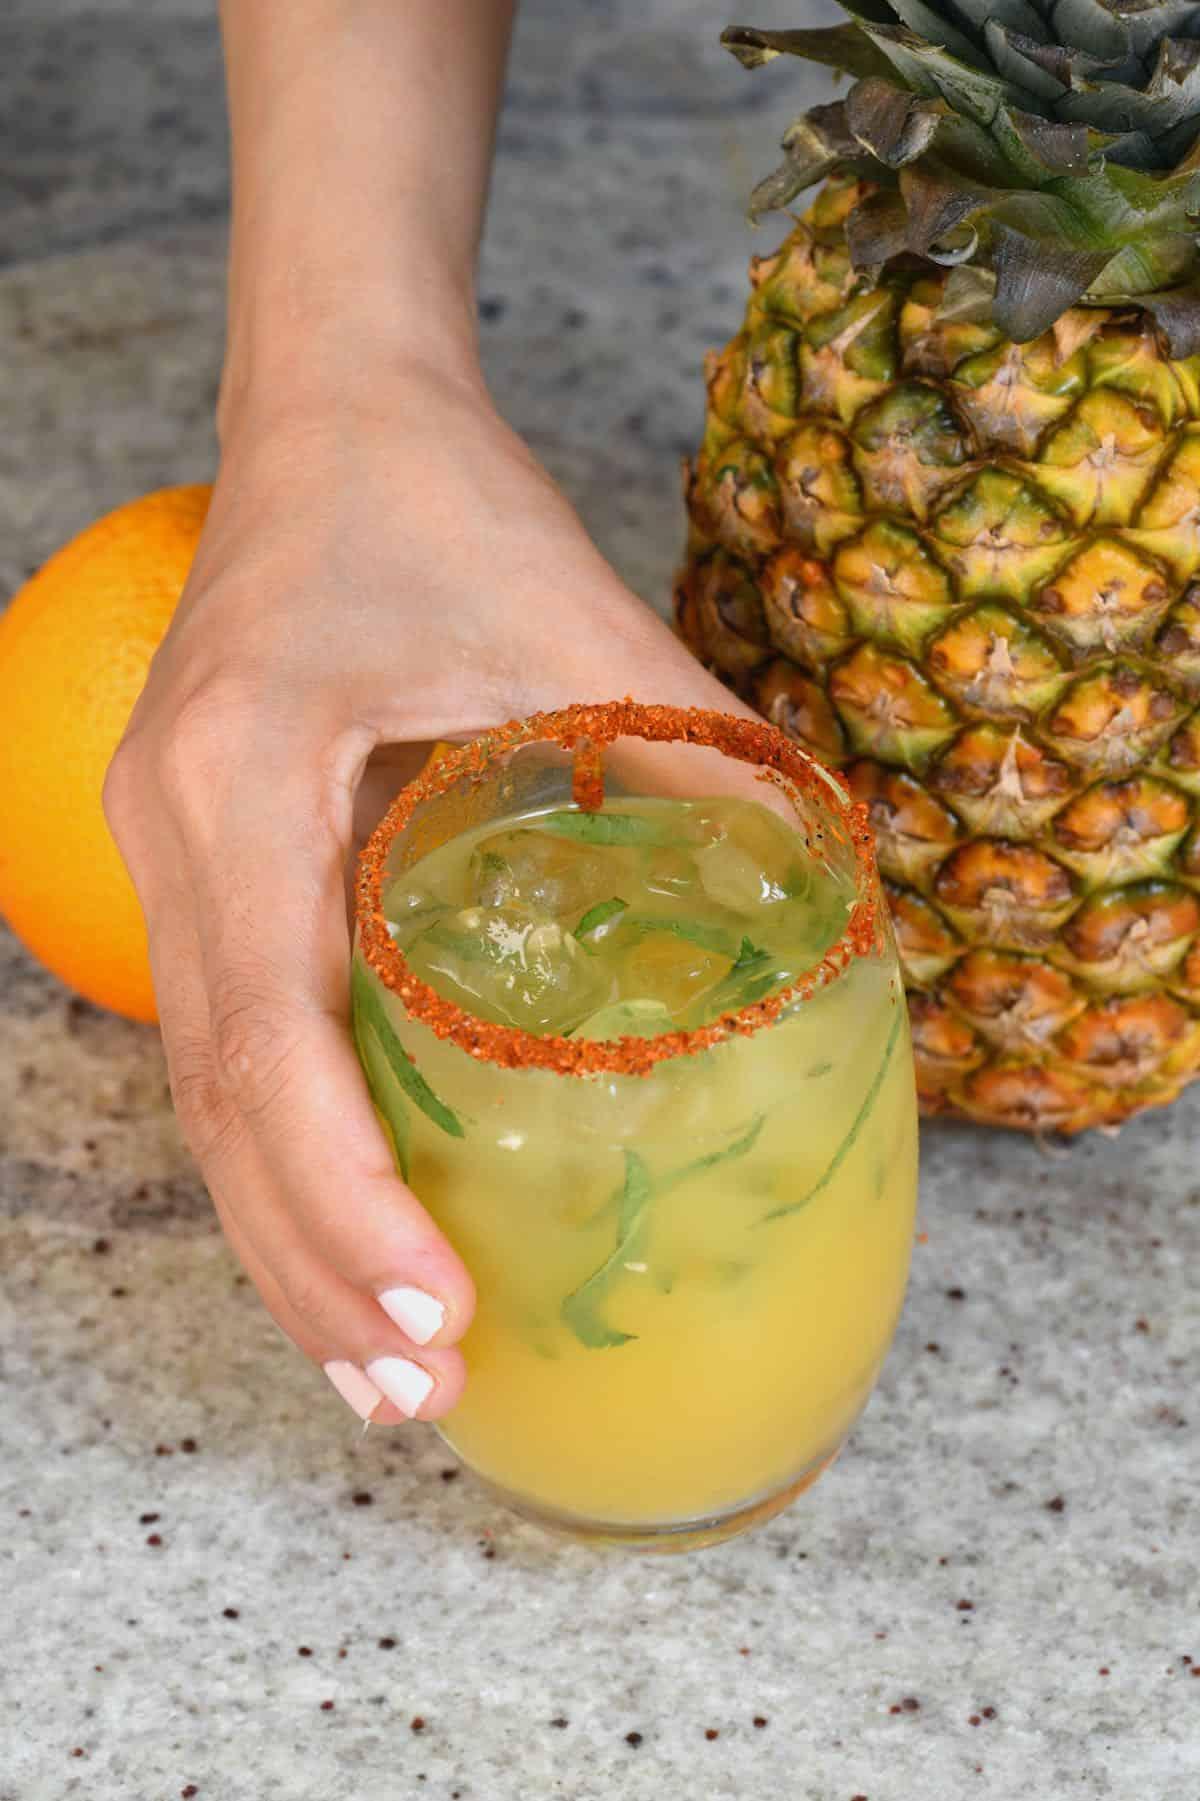 Pienapple orange juice in a glass